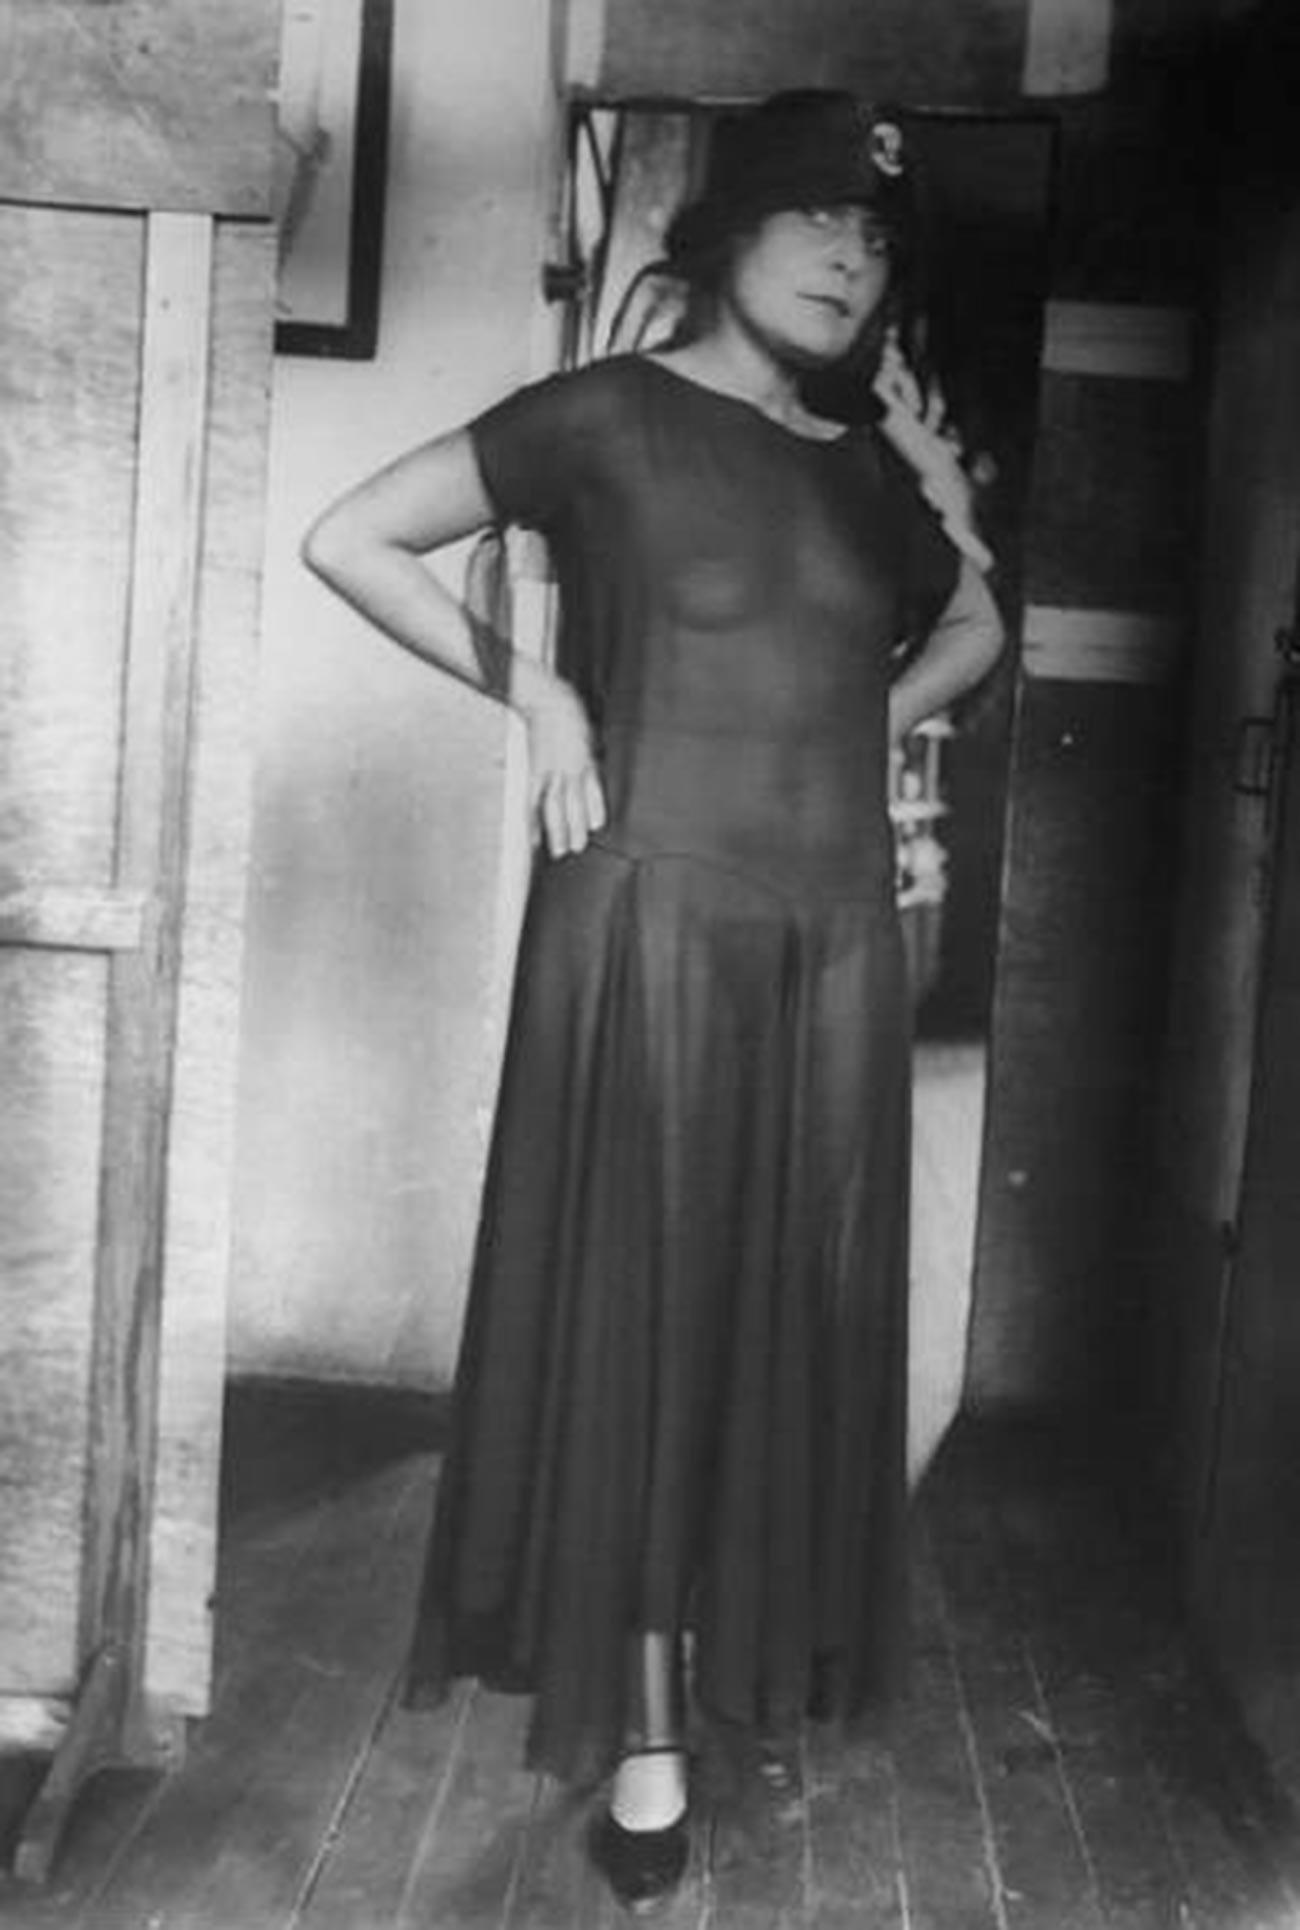 Die Muse des Dichters Wladimir Majakowski, Lilja Brik, in einem durchsichtigen Kleid, 1924.